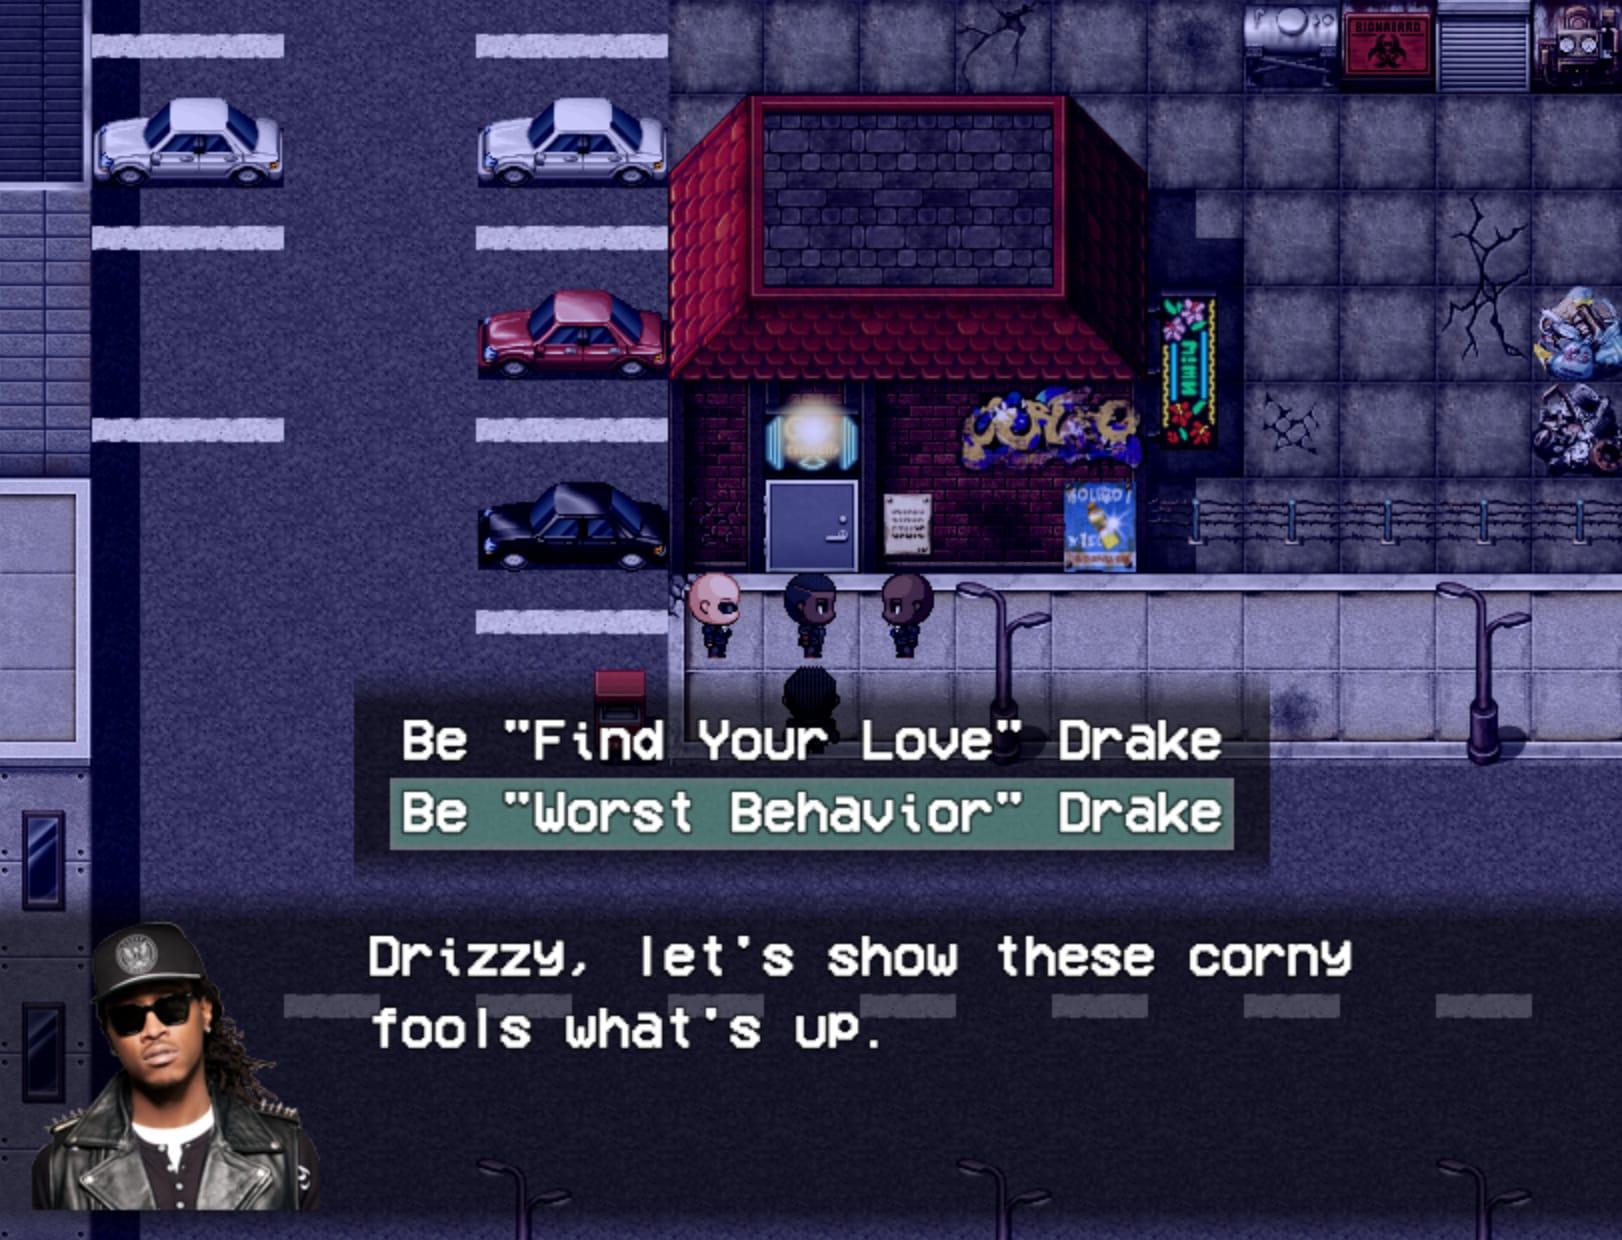 drake-free-video-game-6